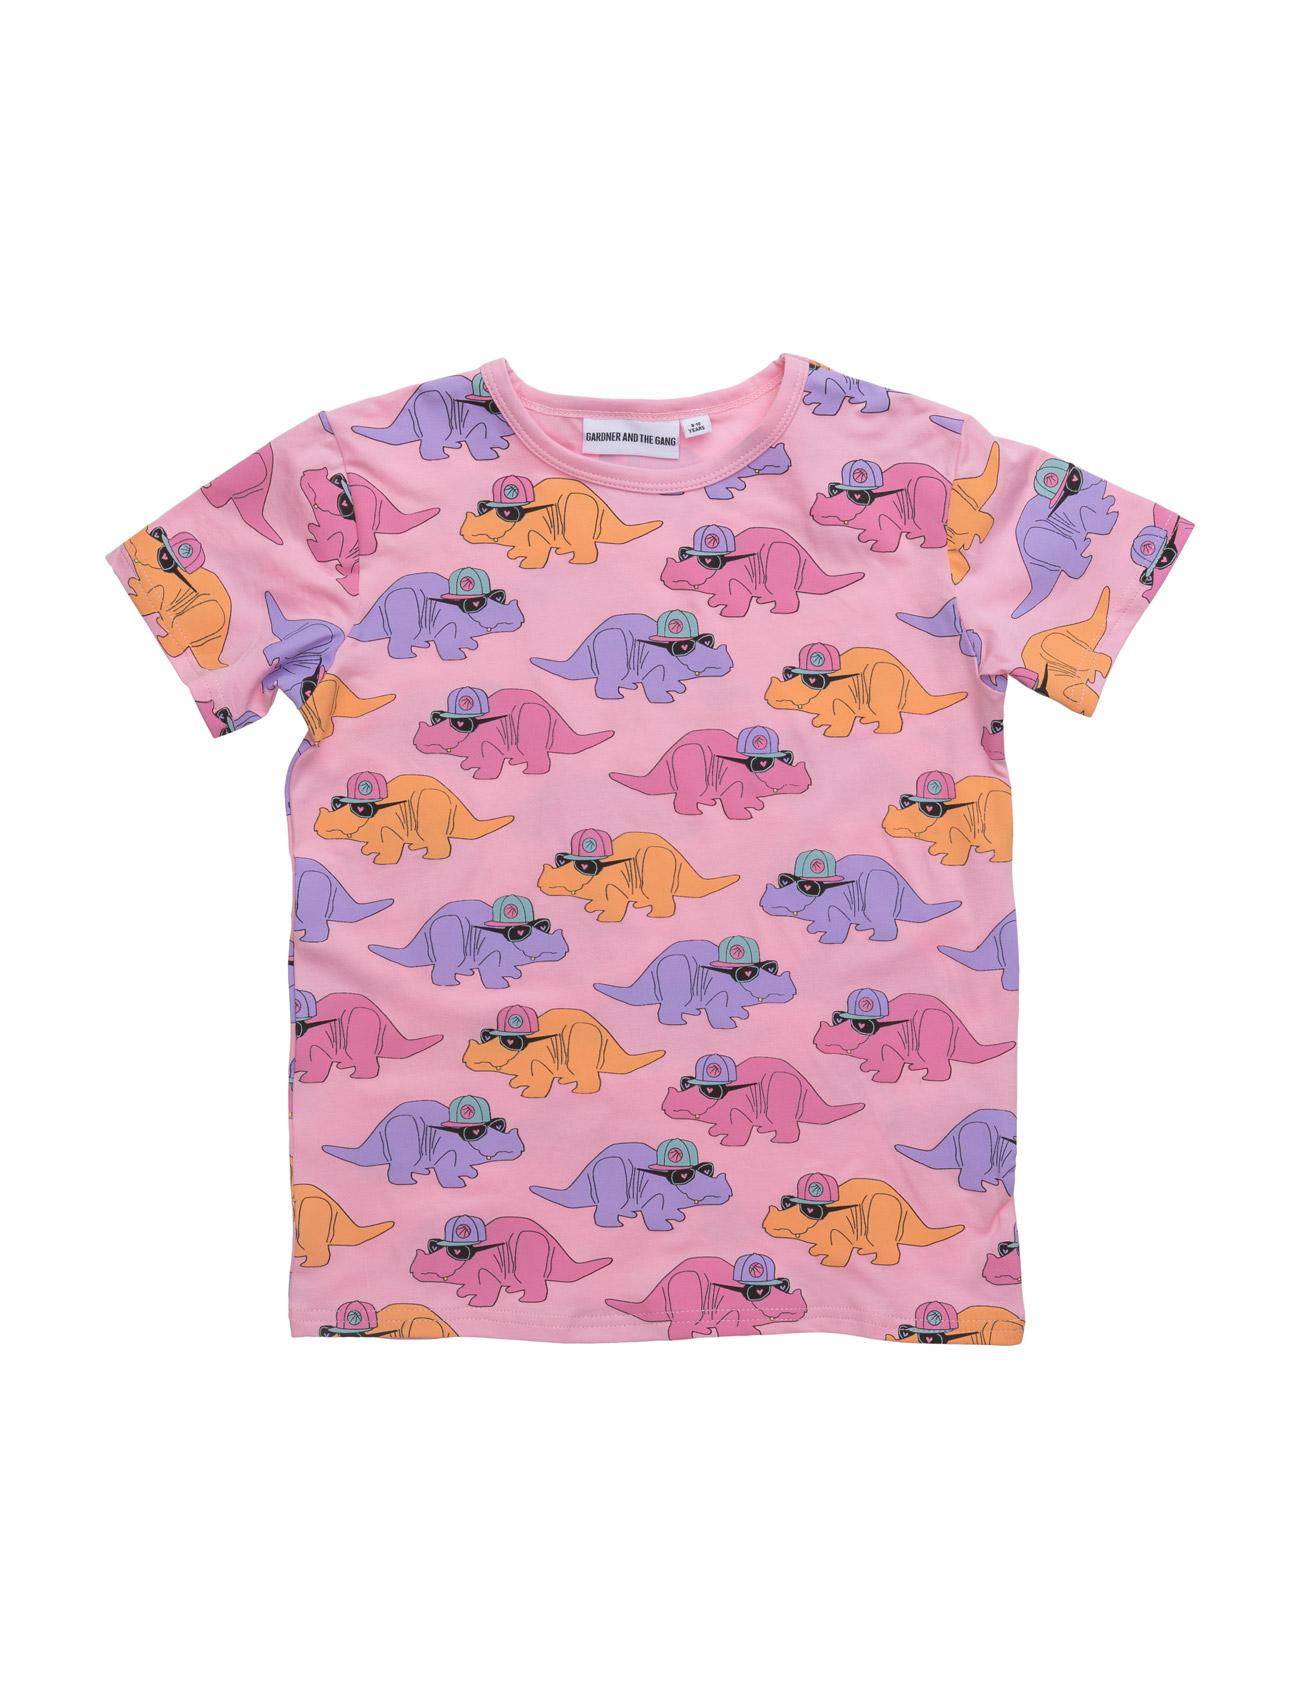 The Cool Tee Dorthy The Dino All Over Print Gardner & the Gang Kortærmede t-shirts til Børn i Lyserød